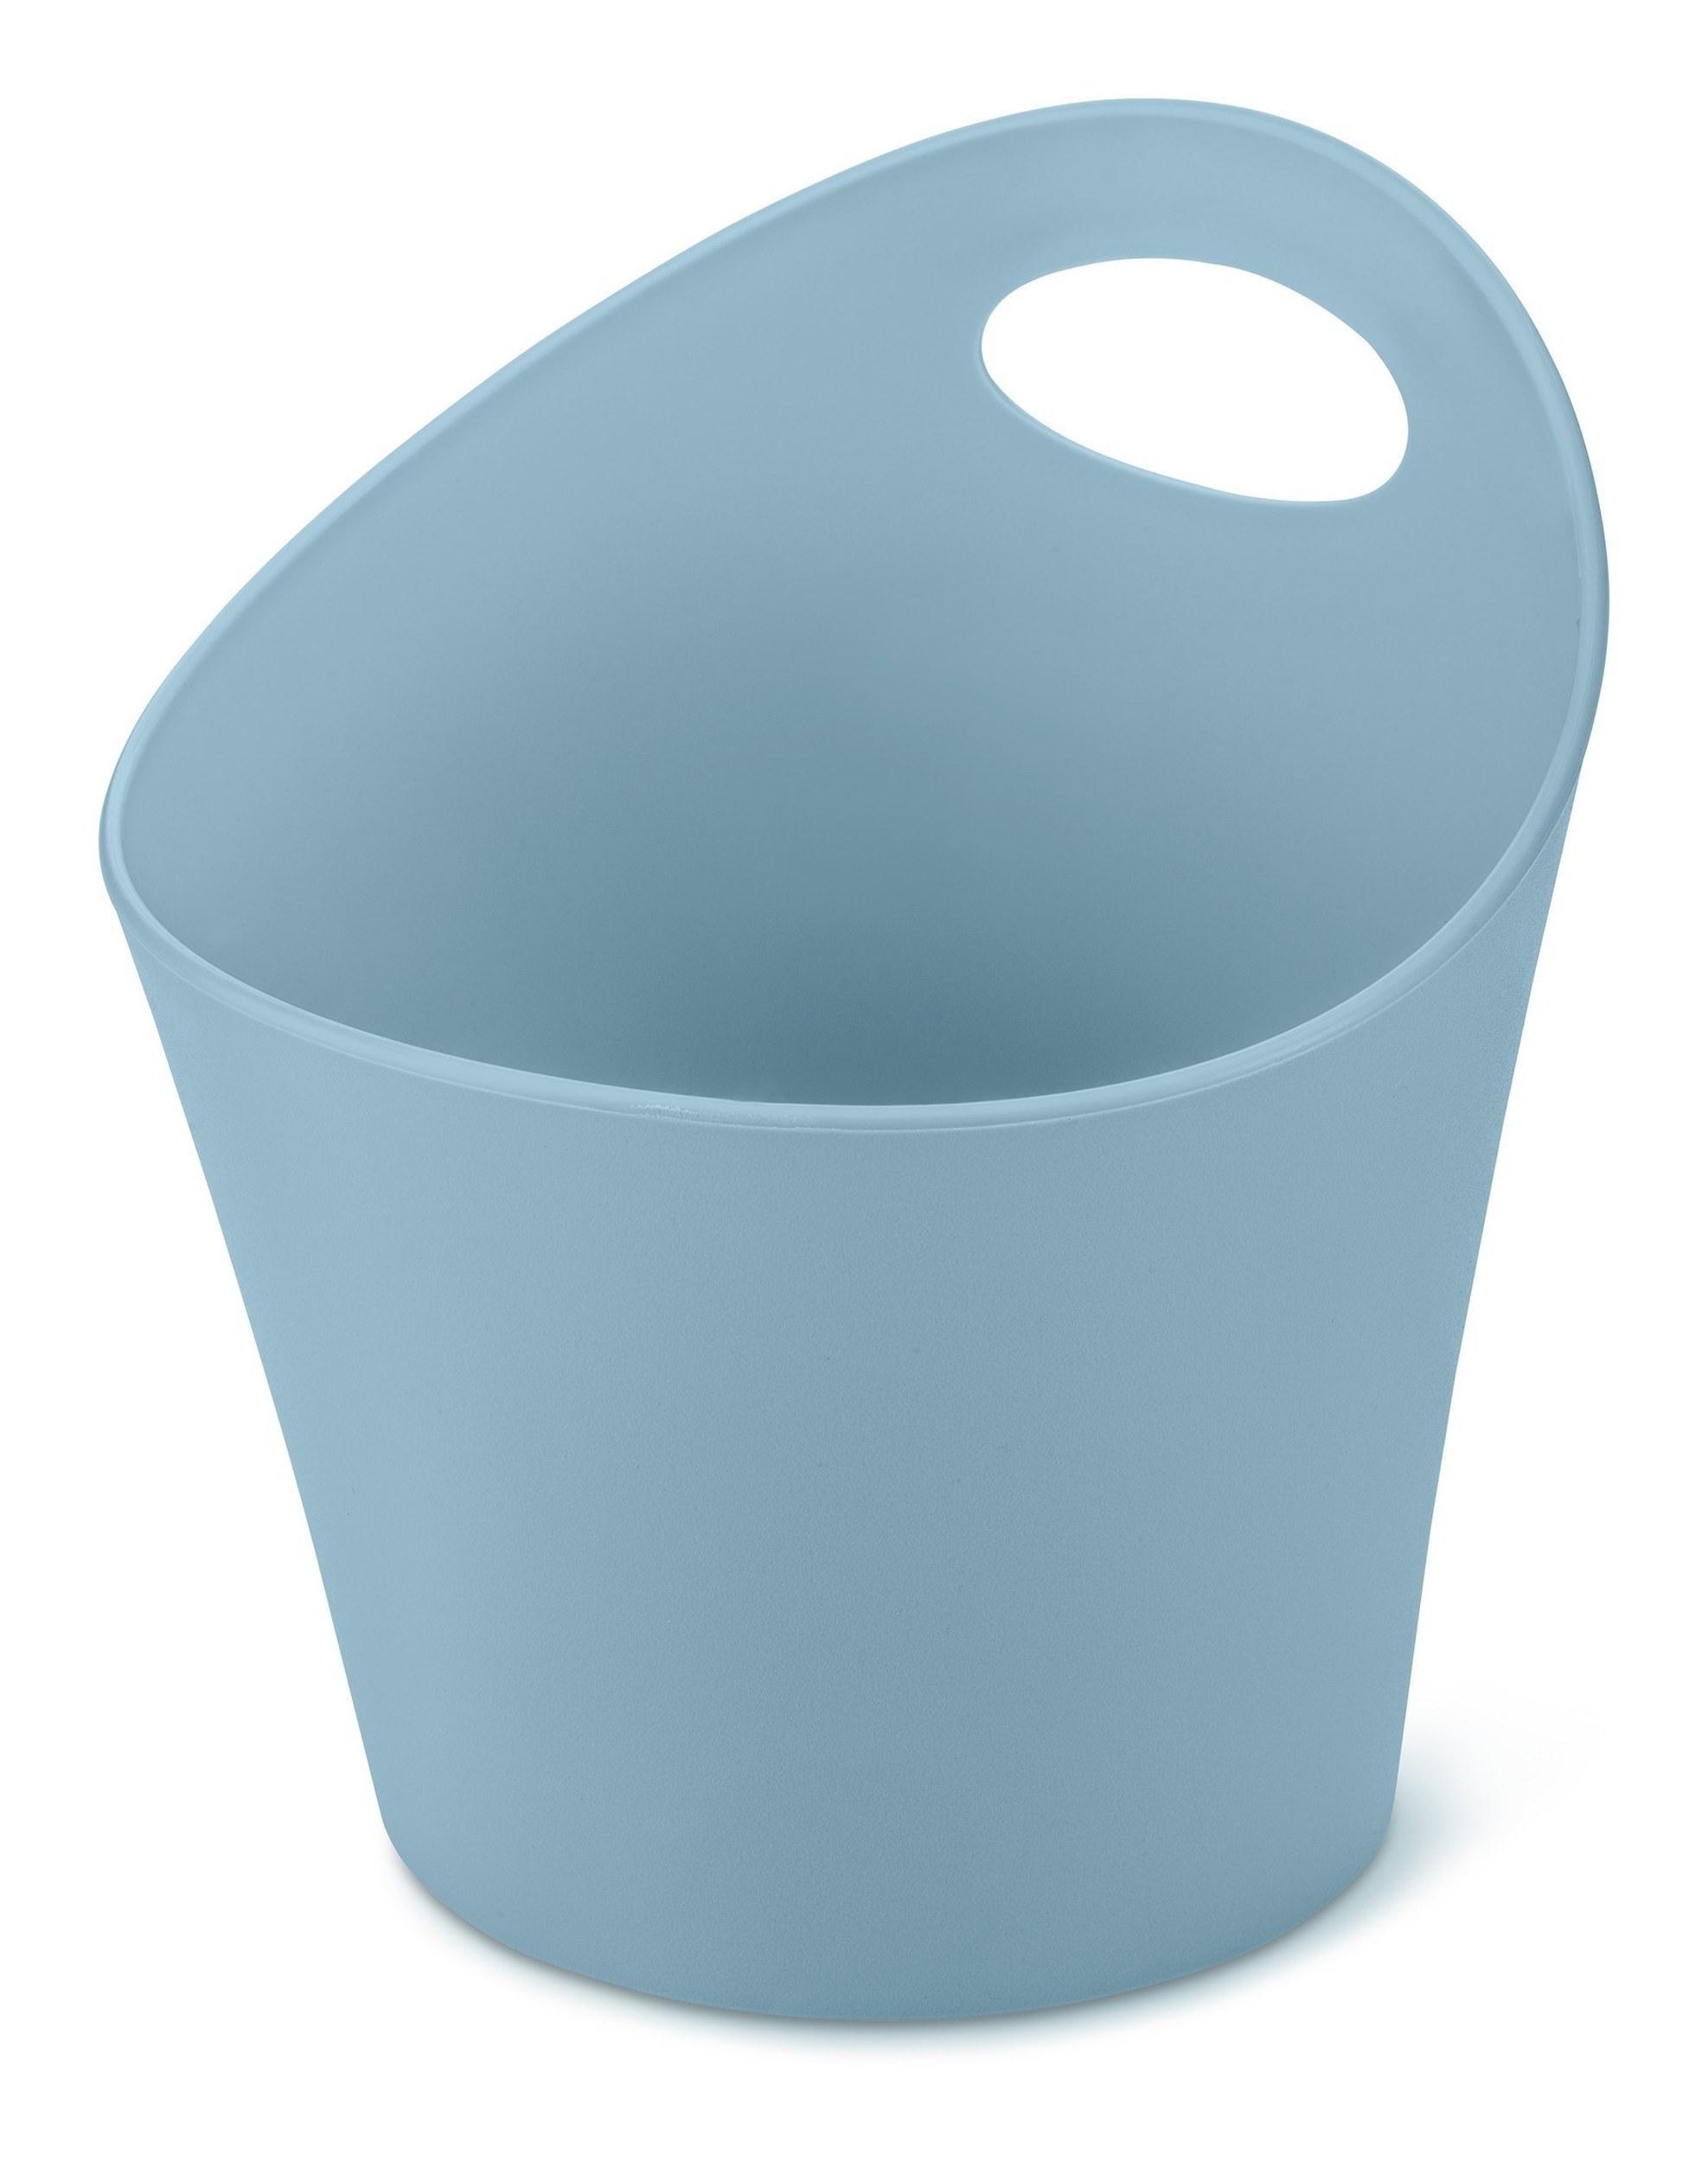 Pojemnik Pottichelli M pastelowy błękit